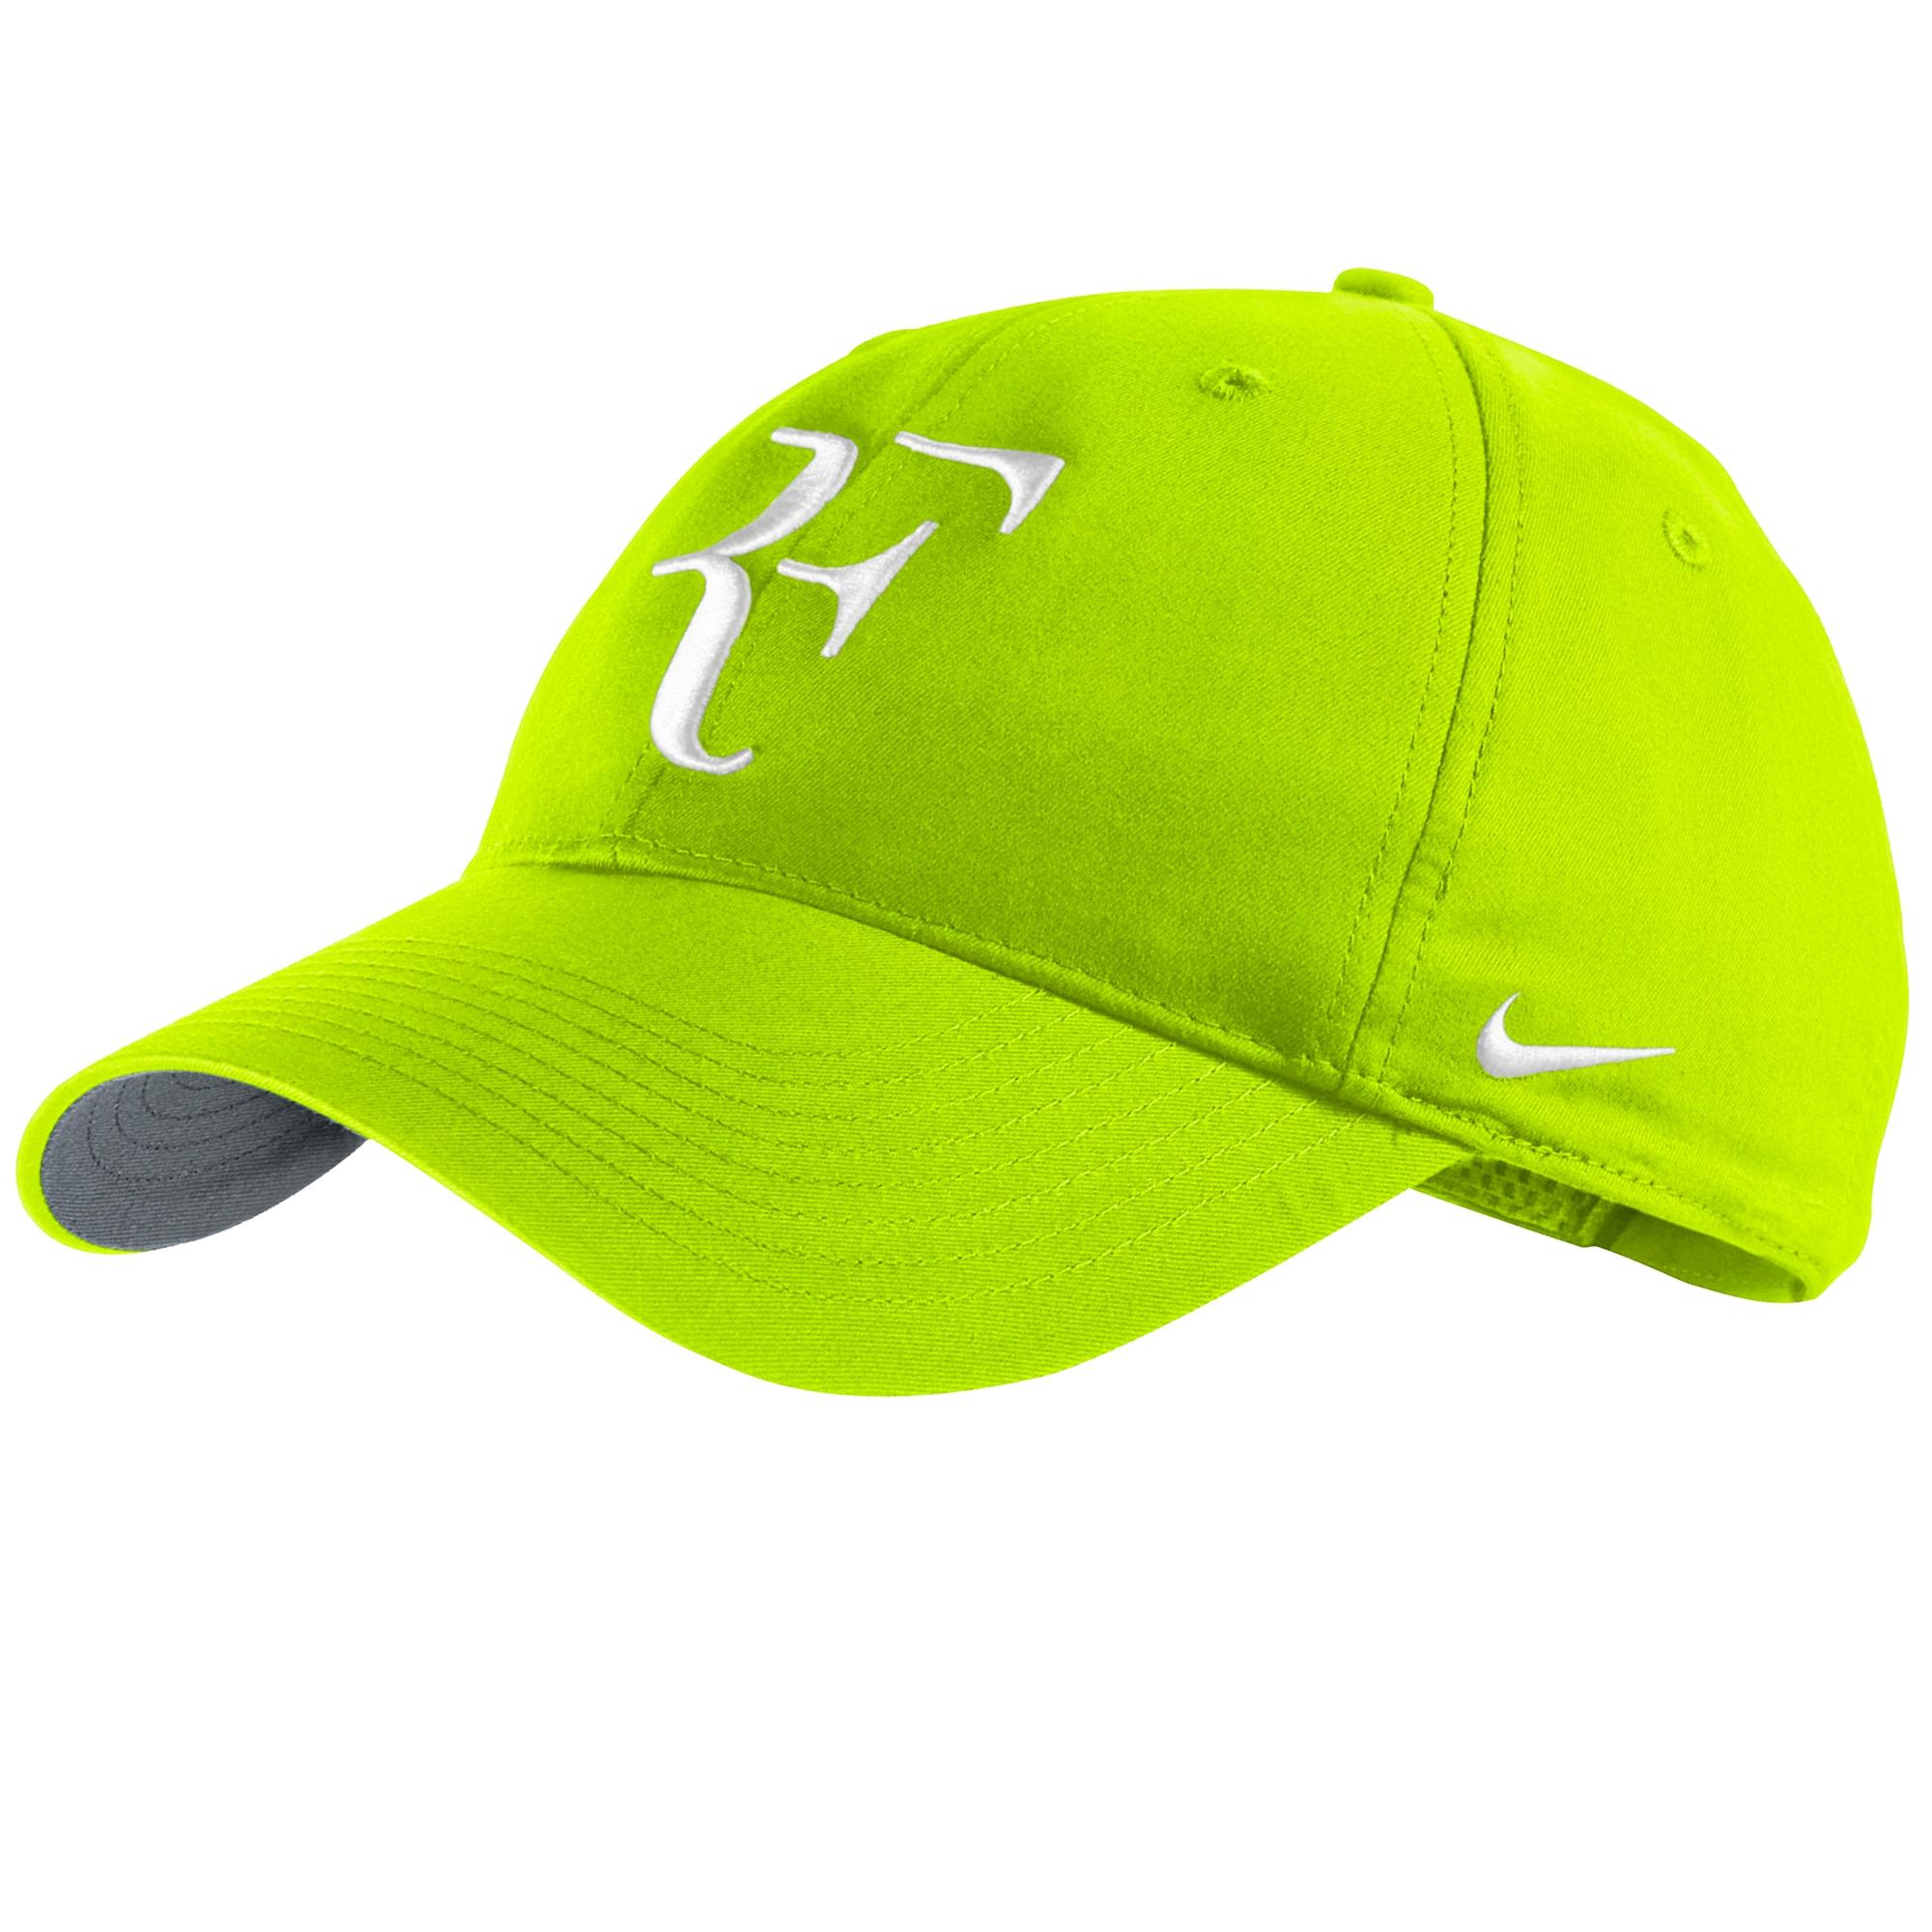 5de457ab0 Nike Roger Federer Hybrid SS15 Şapka